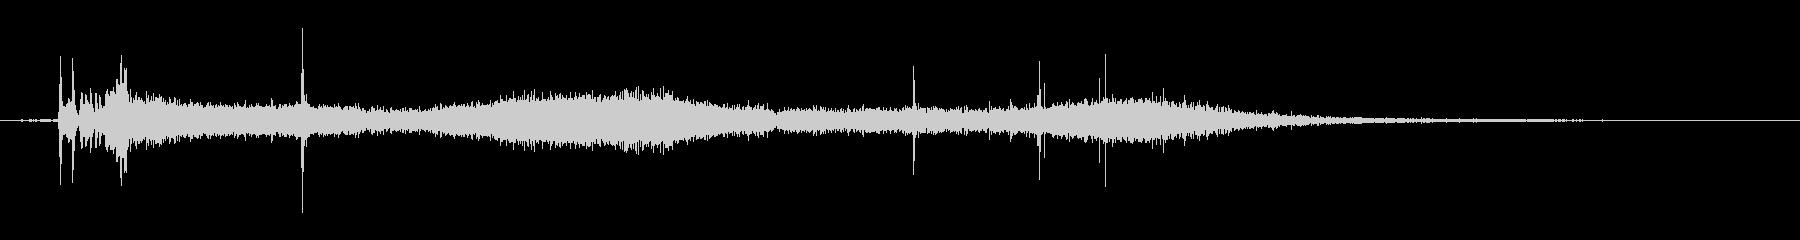 1986シボレーセレブリティ:スタ...の未再生の波形